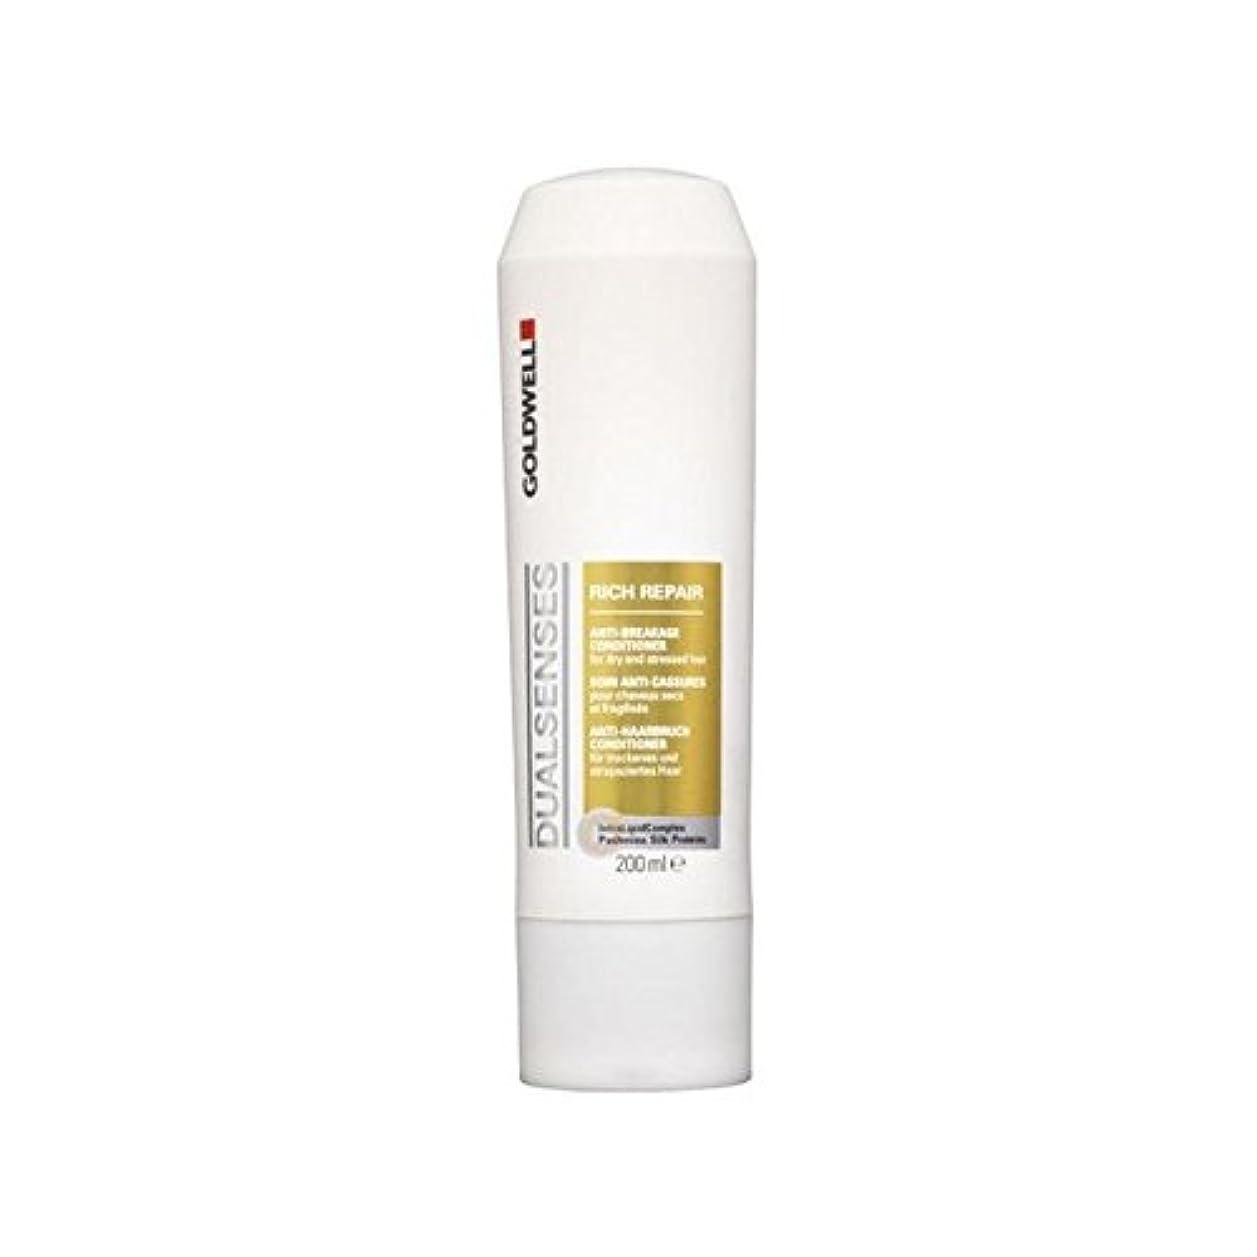 は豊富な補修抗破損コンディショナー(200ミリリットル)を x2 - Goldwell Dualsenses Rich Repair Anti-Breakage Conditioner (200ml) (Pack of...